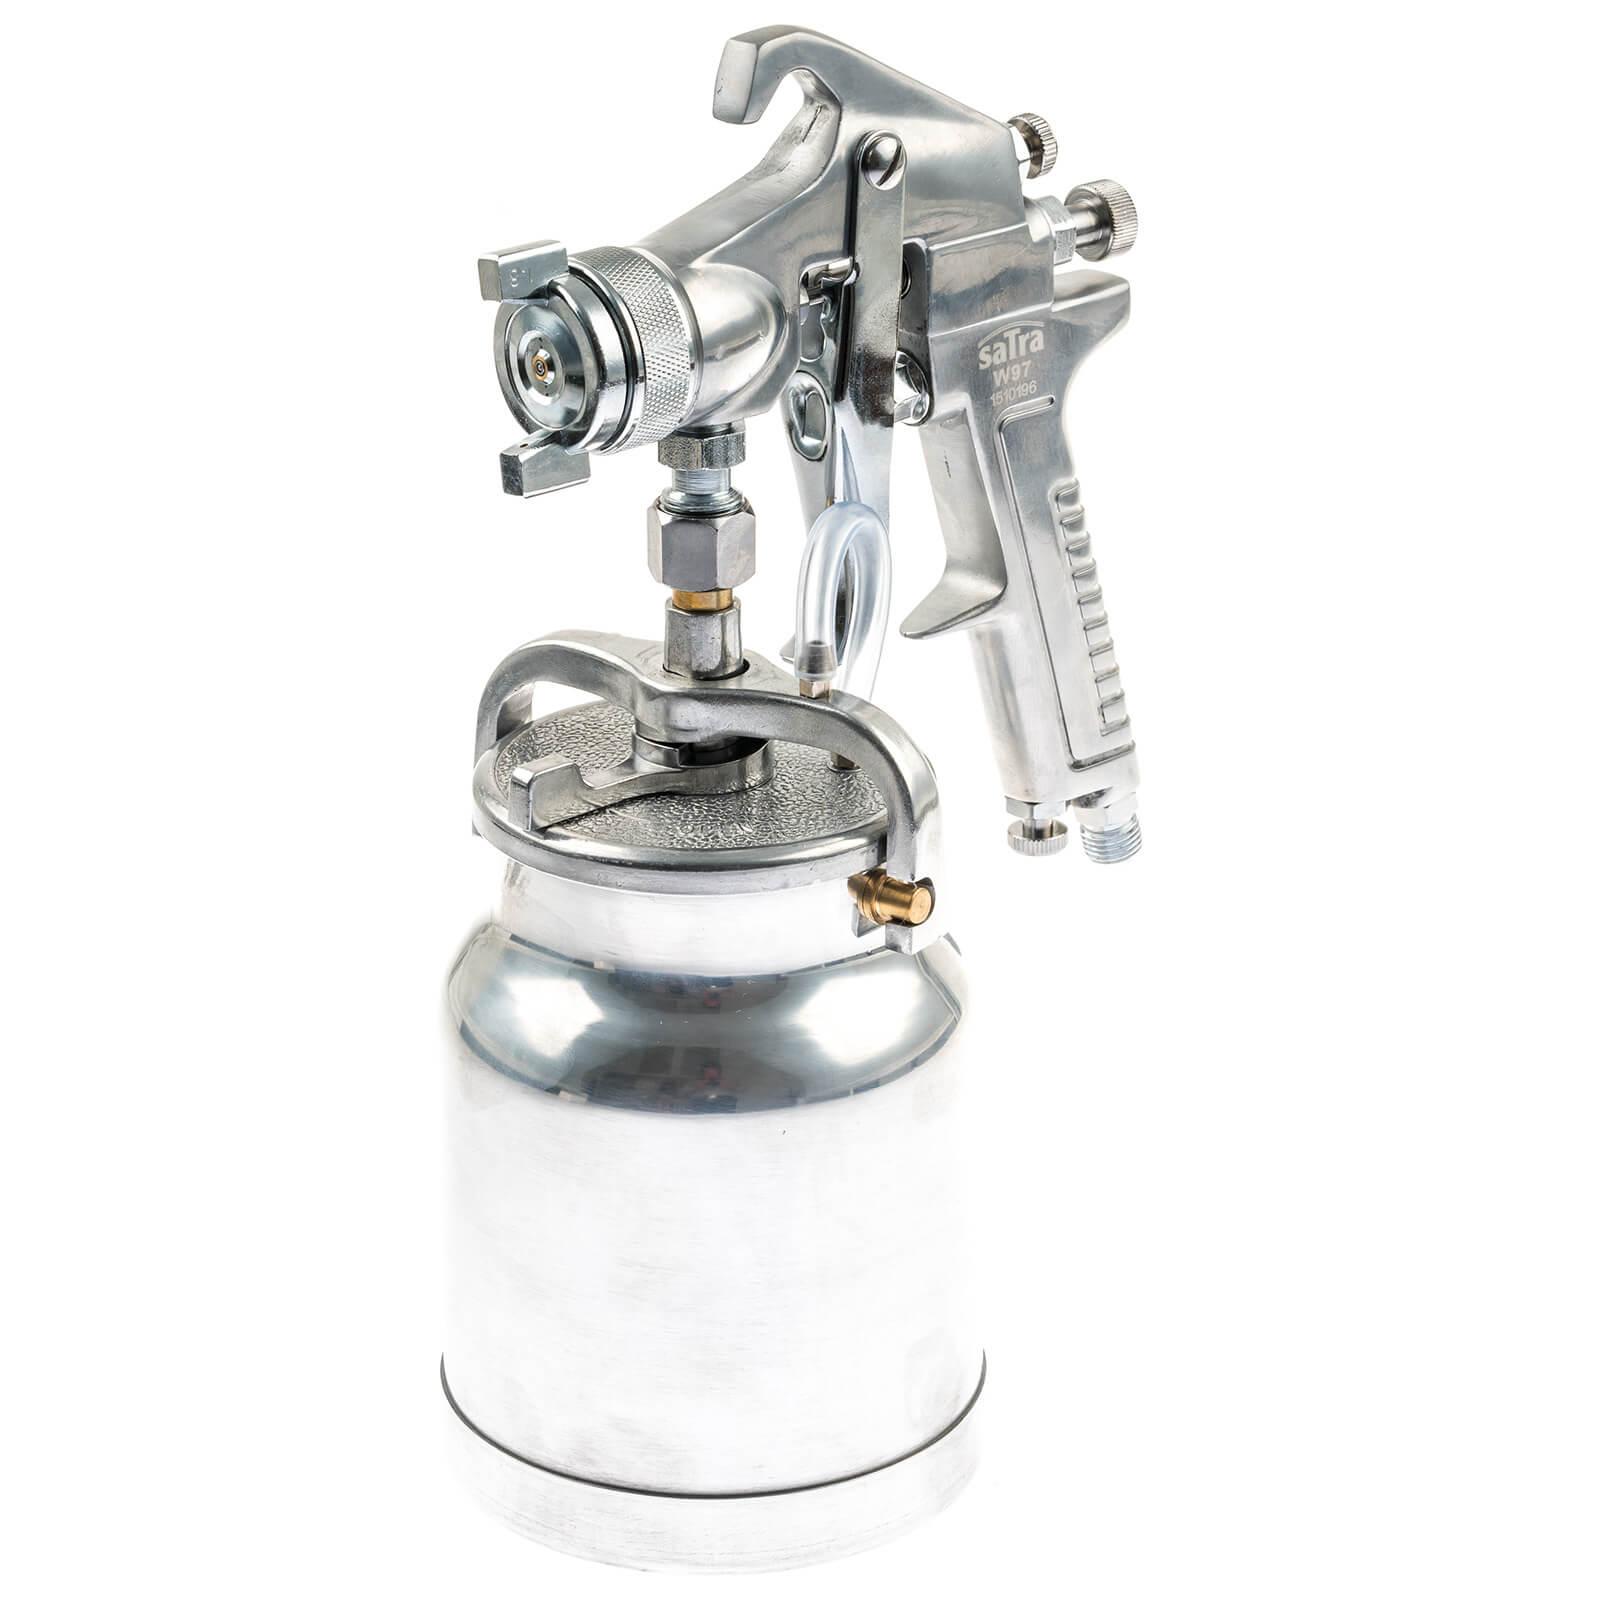 profi druckluft lackier und sprühpistole, 1 liter | werkzeuge-berlin